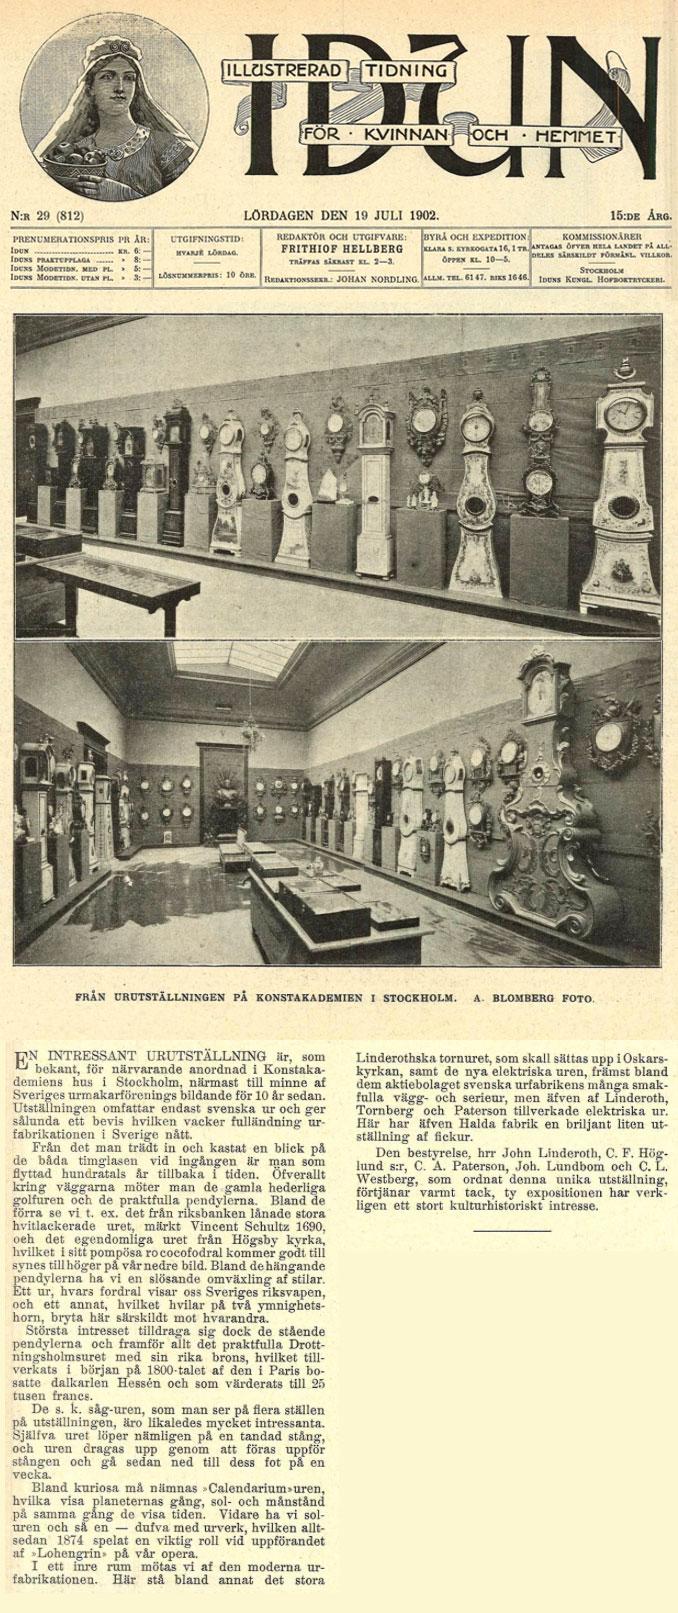 Ur-utställningen var också omskriven i tidskriften Idun, den 19 juli 1902.